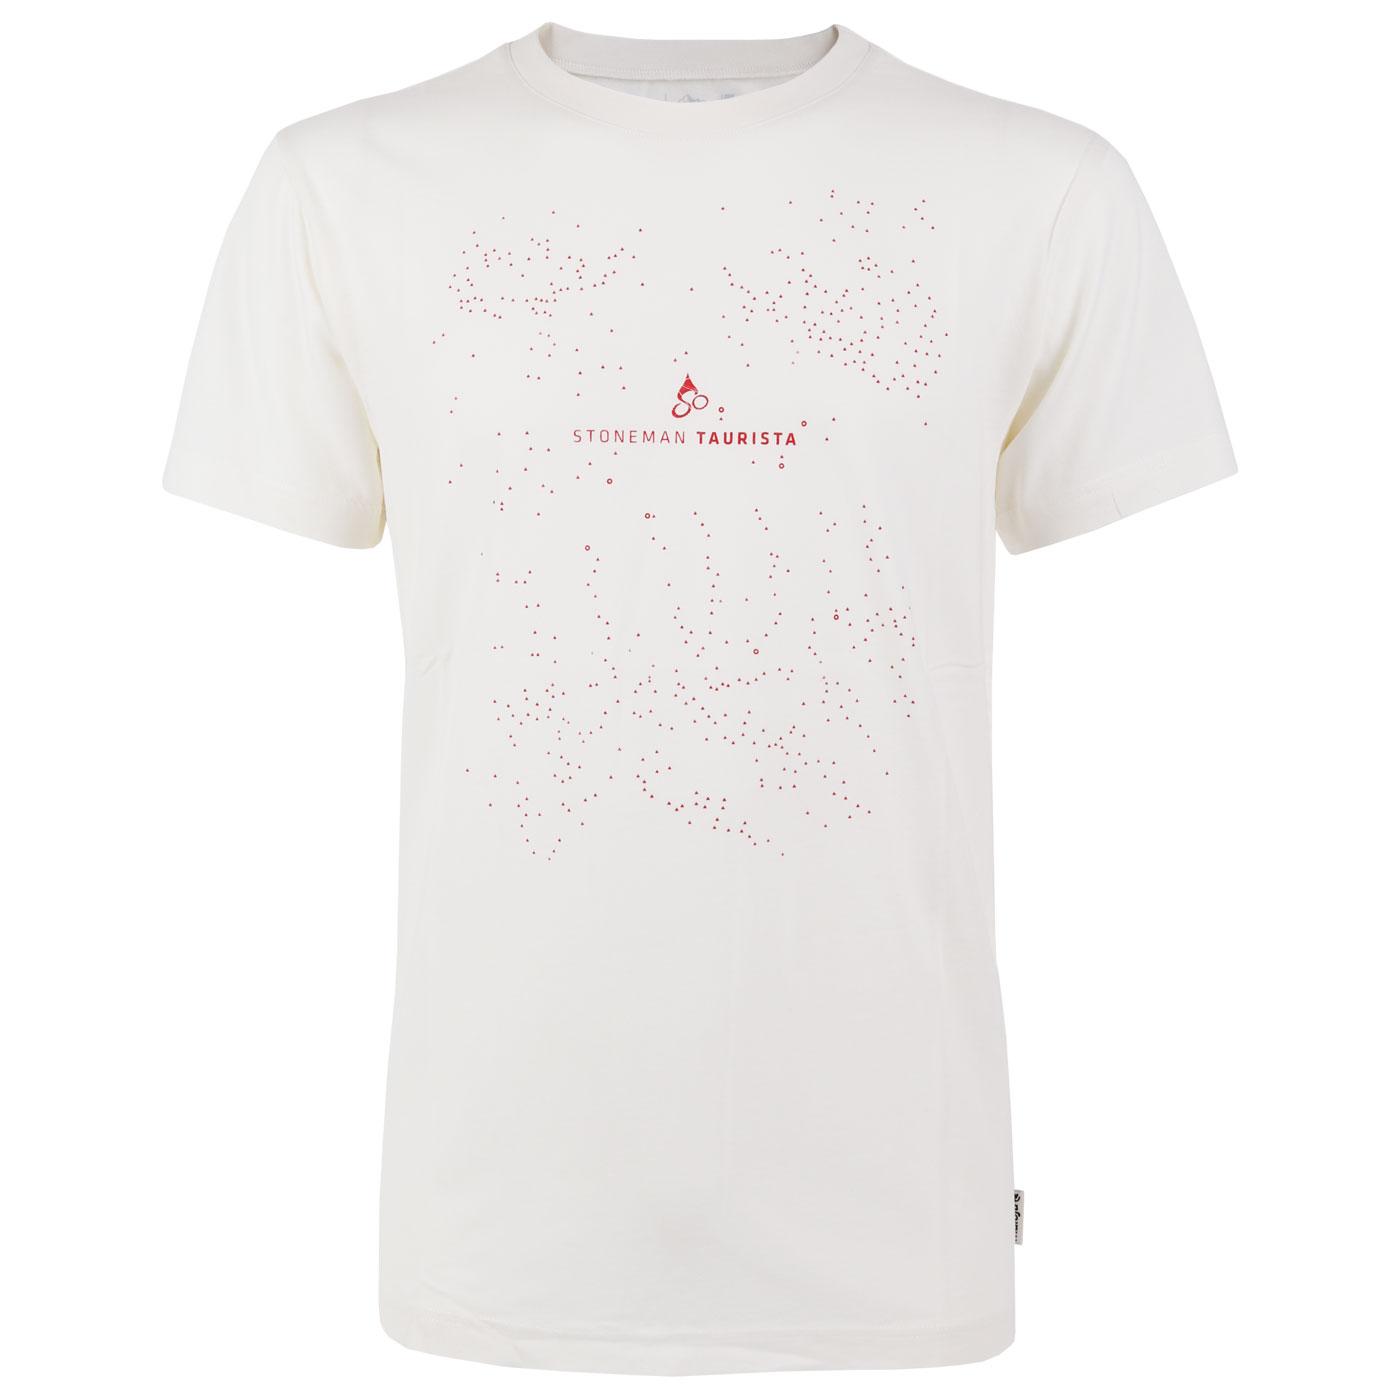 Stoneman Taurista Männer T-Shirt by Maloja - vintage white